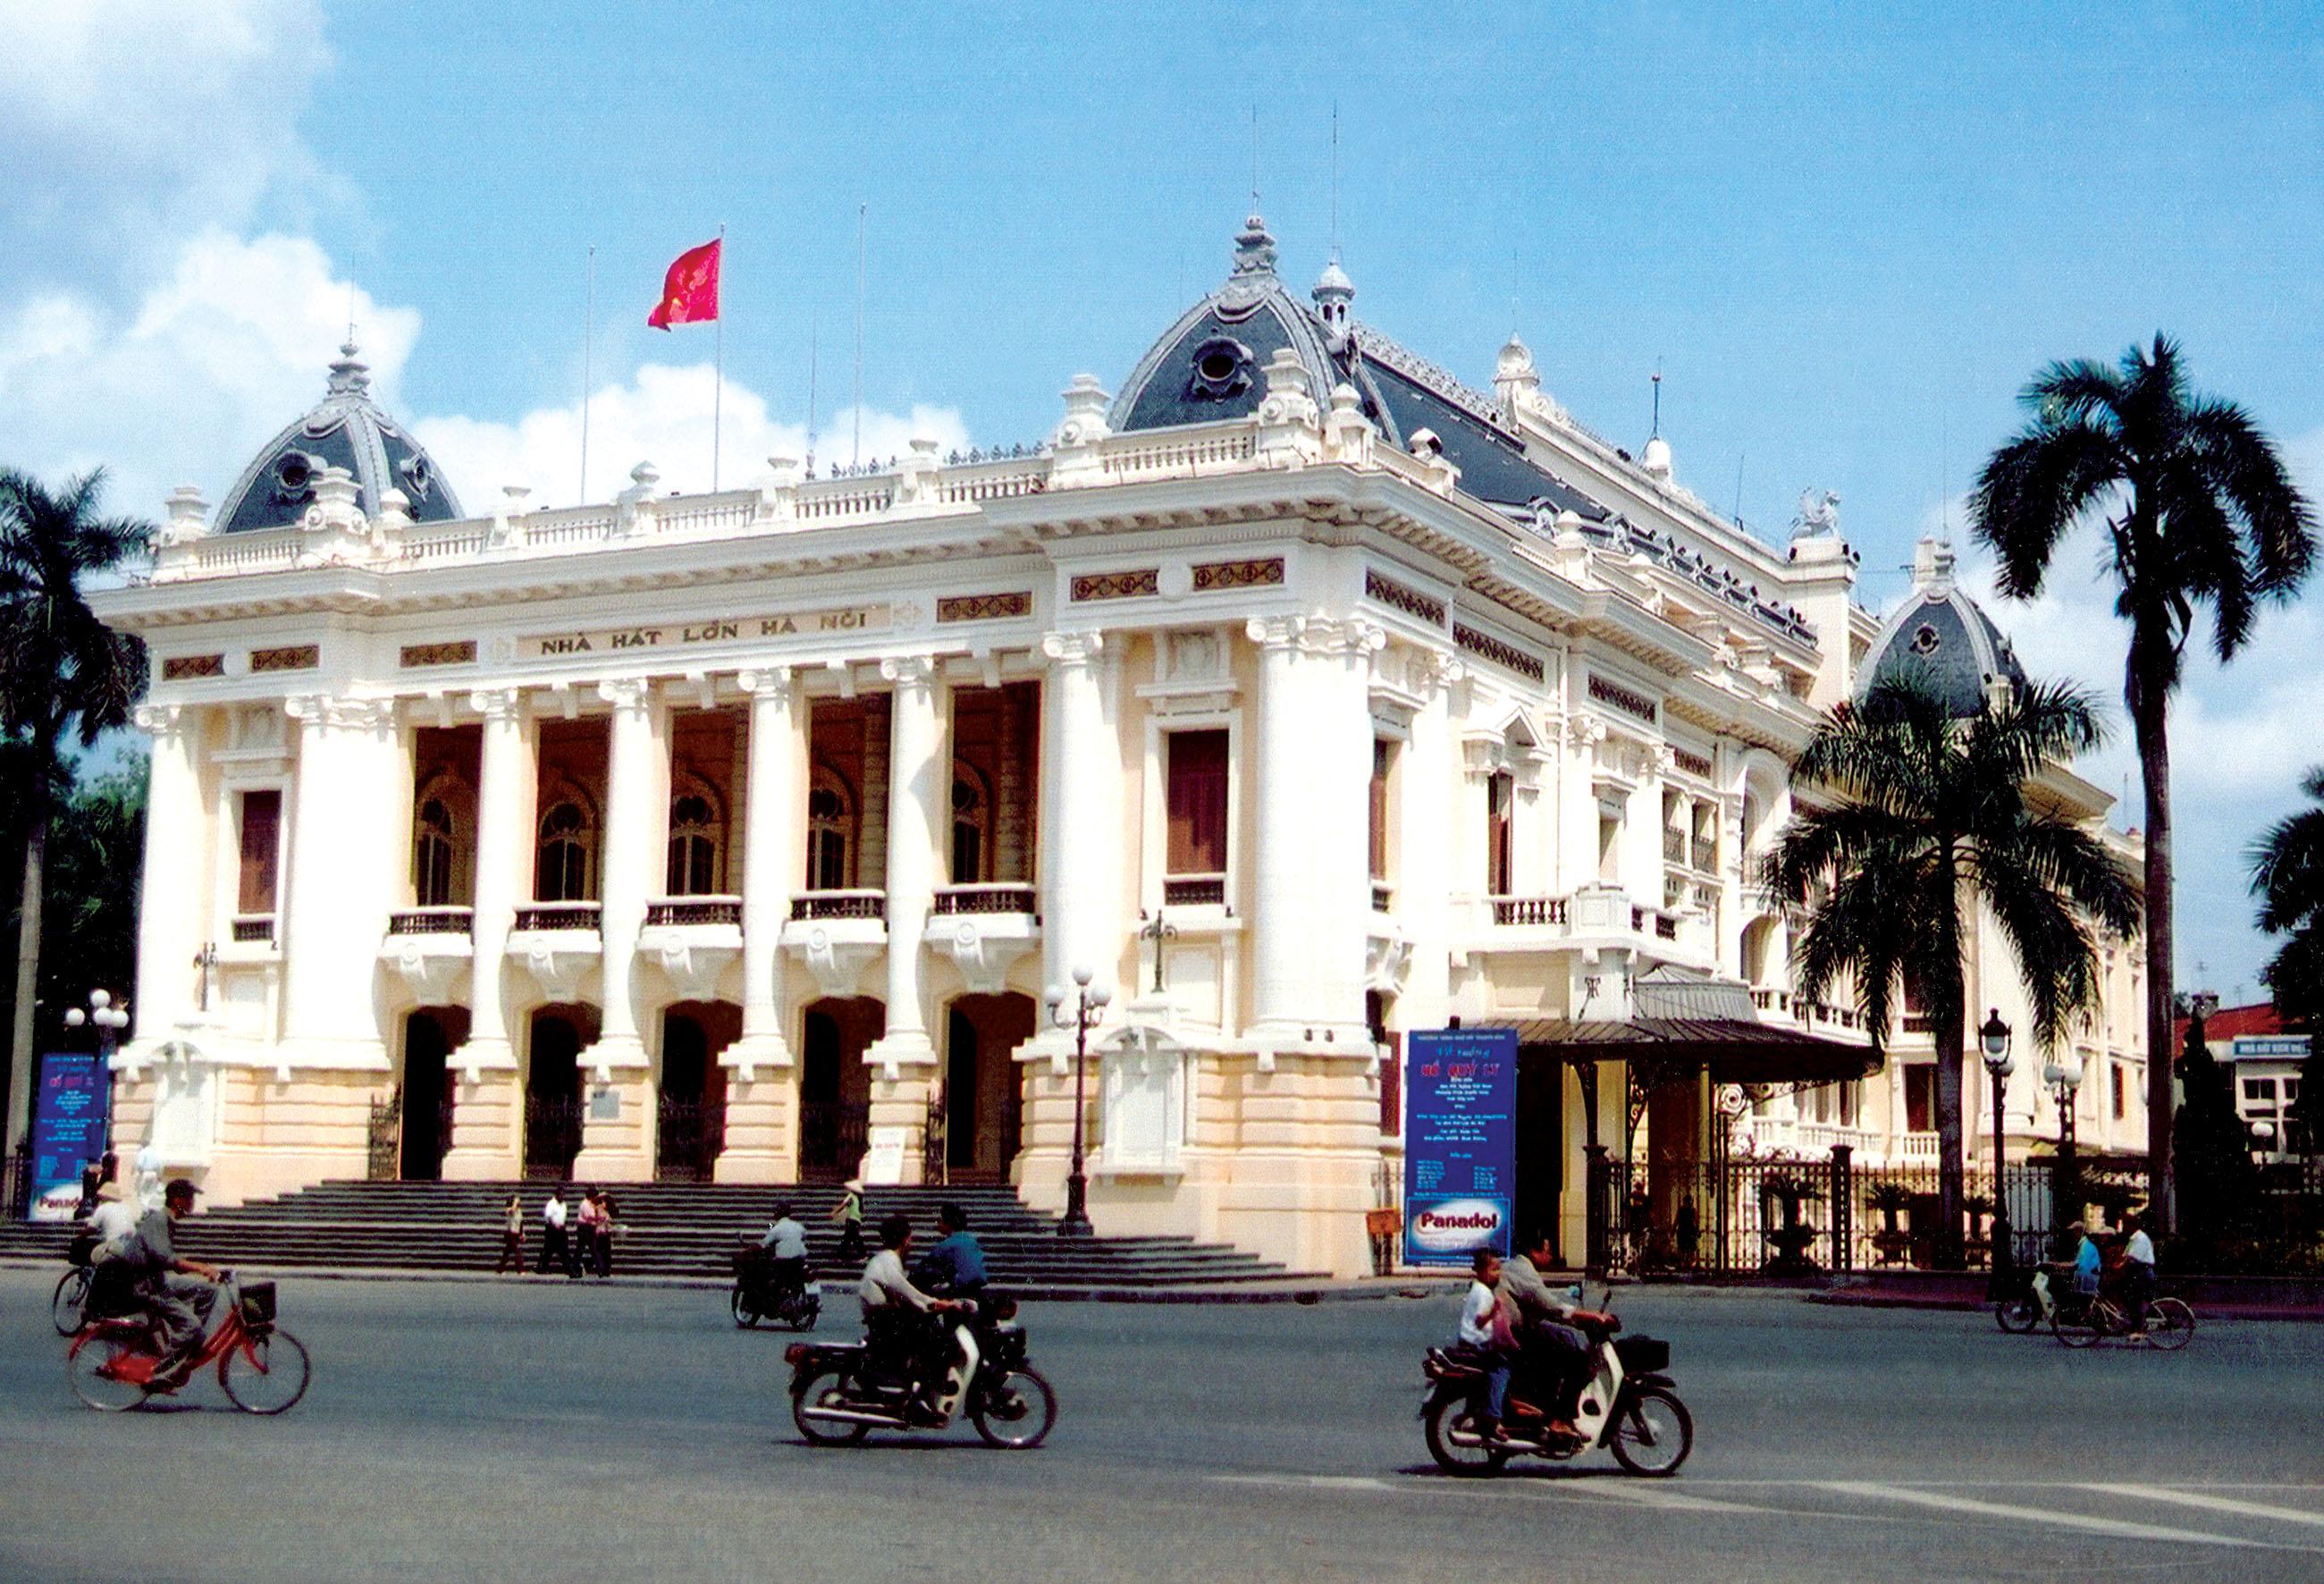 Day 4: Hanoi